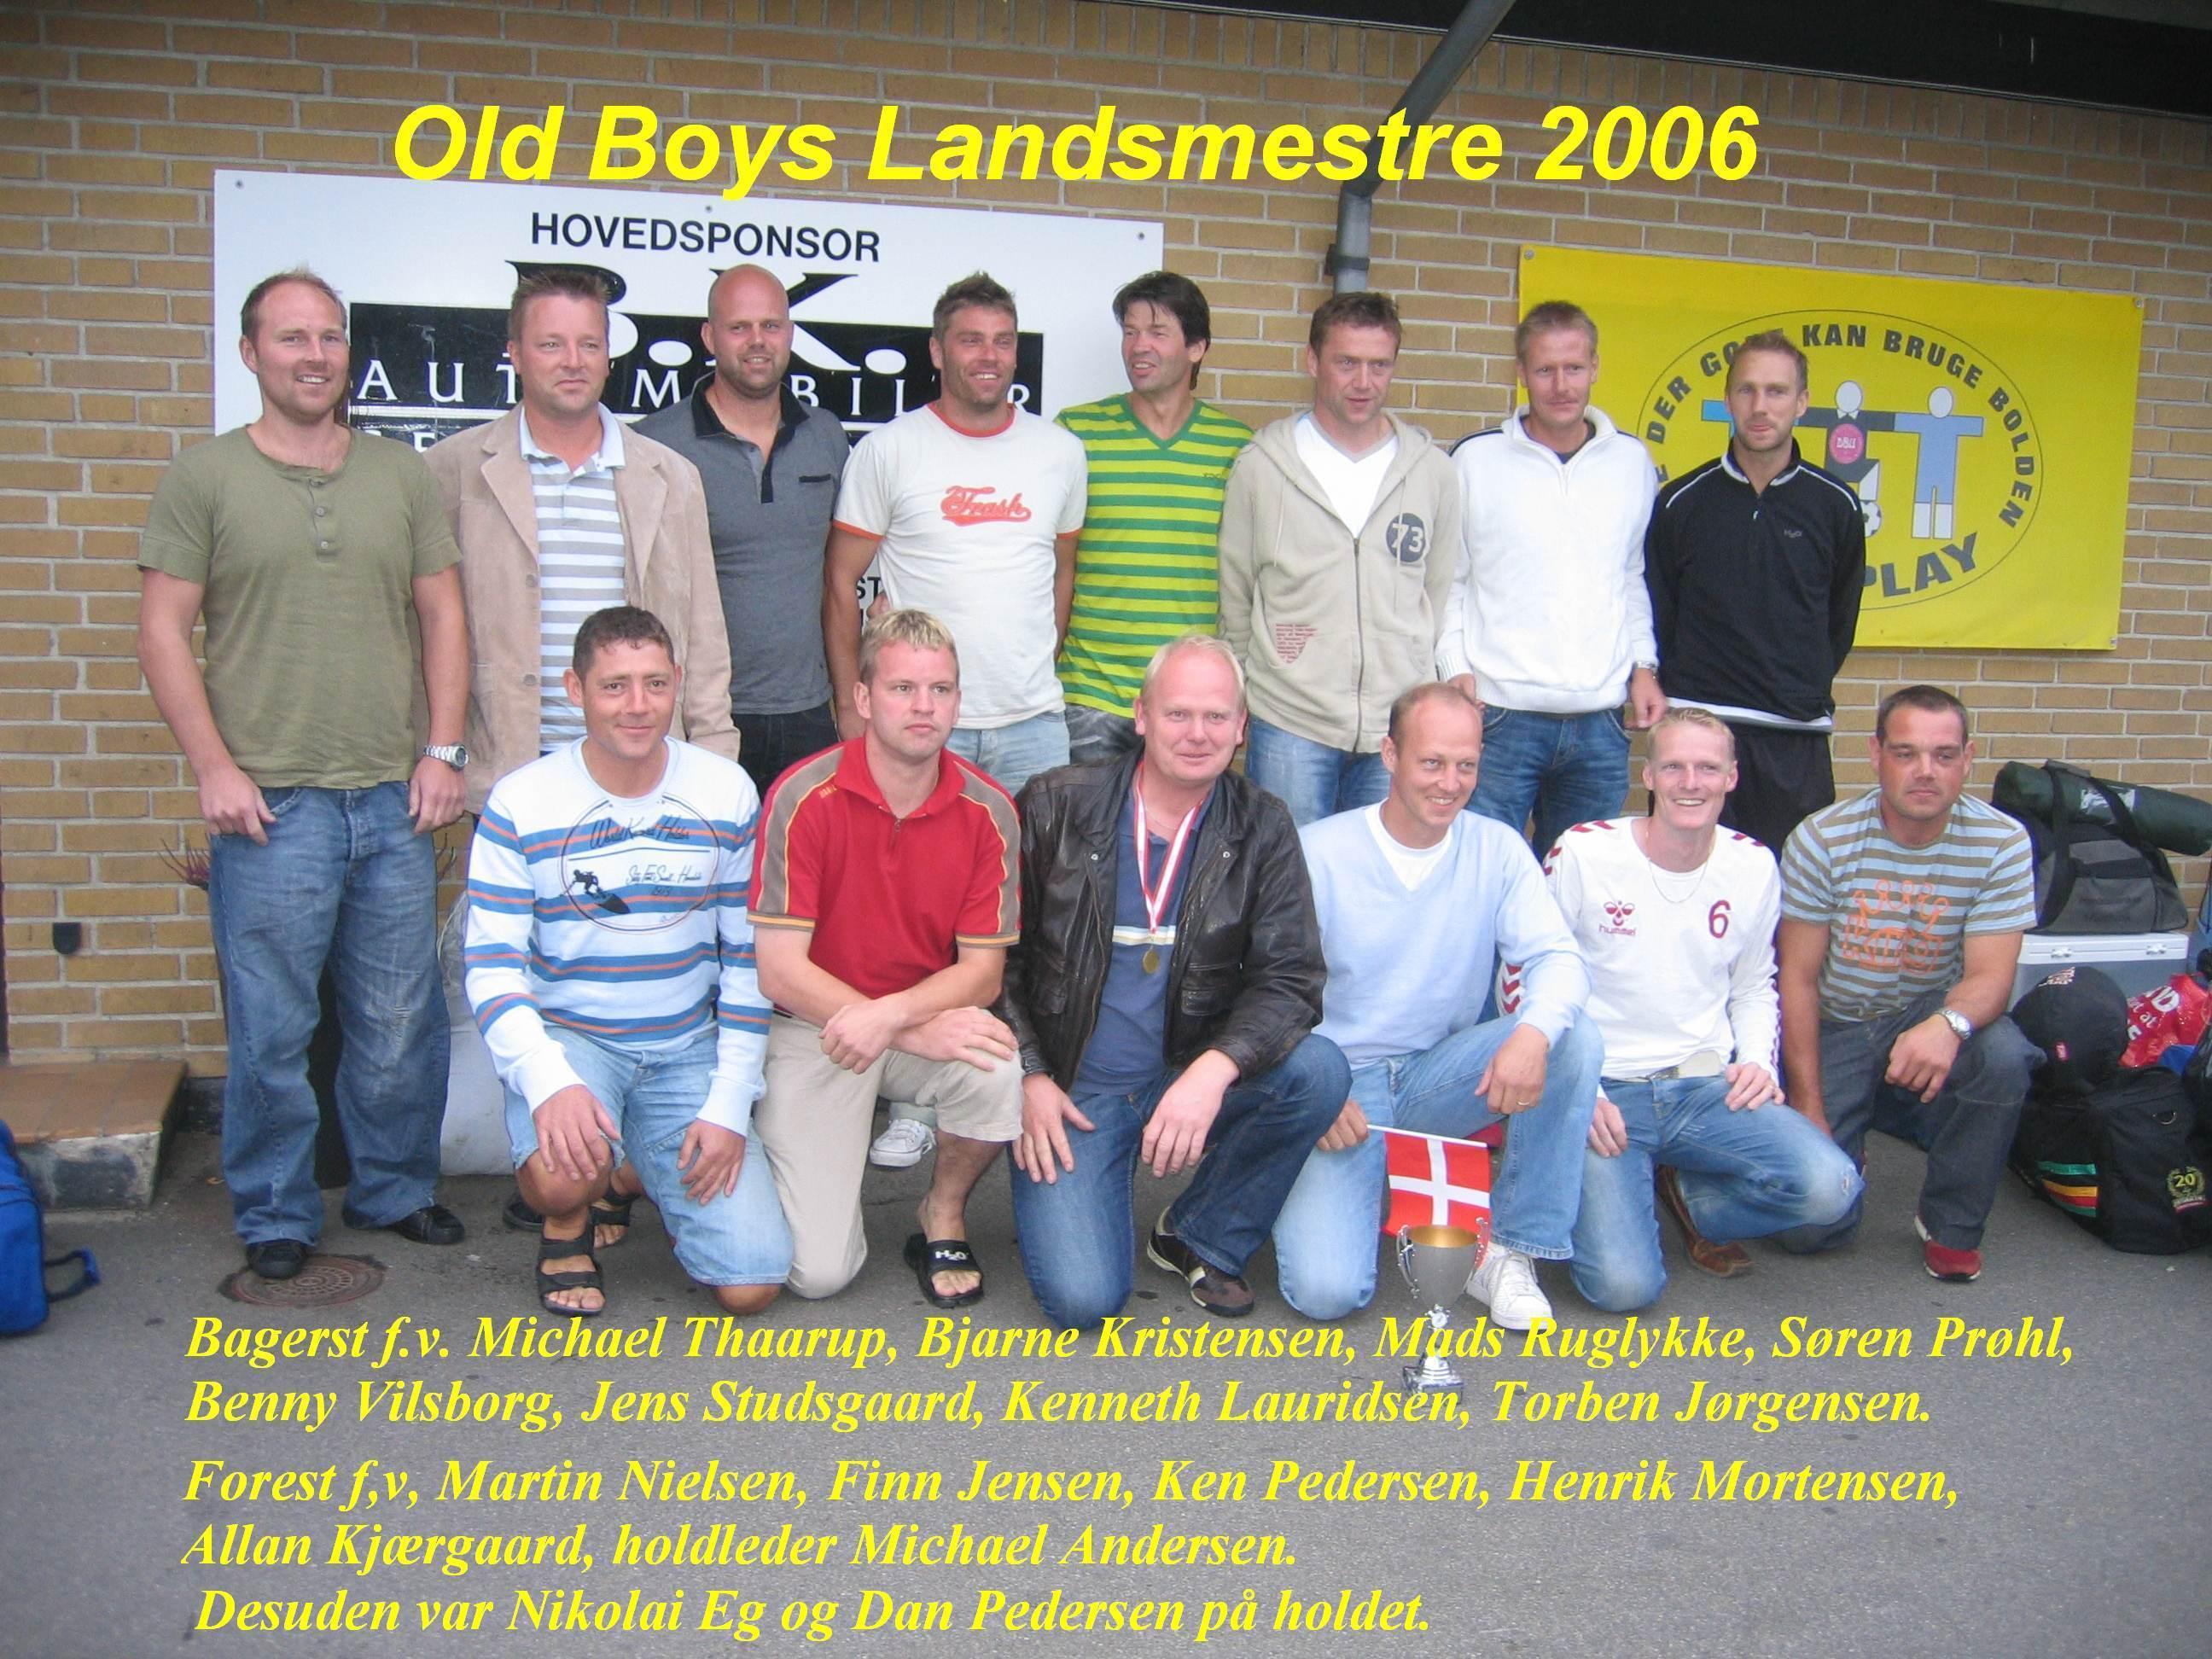 Old Boys Landsmester 2006